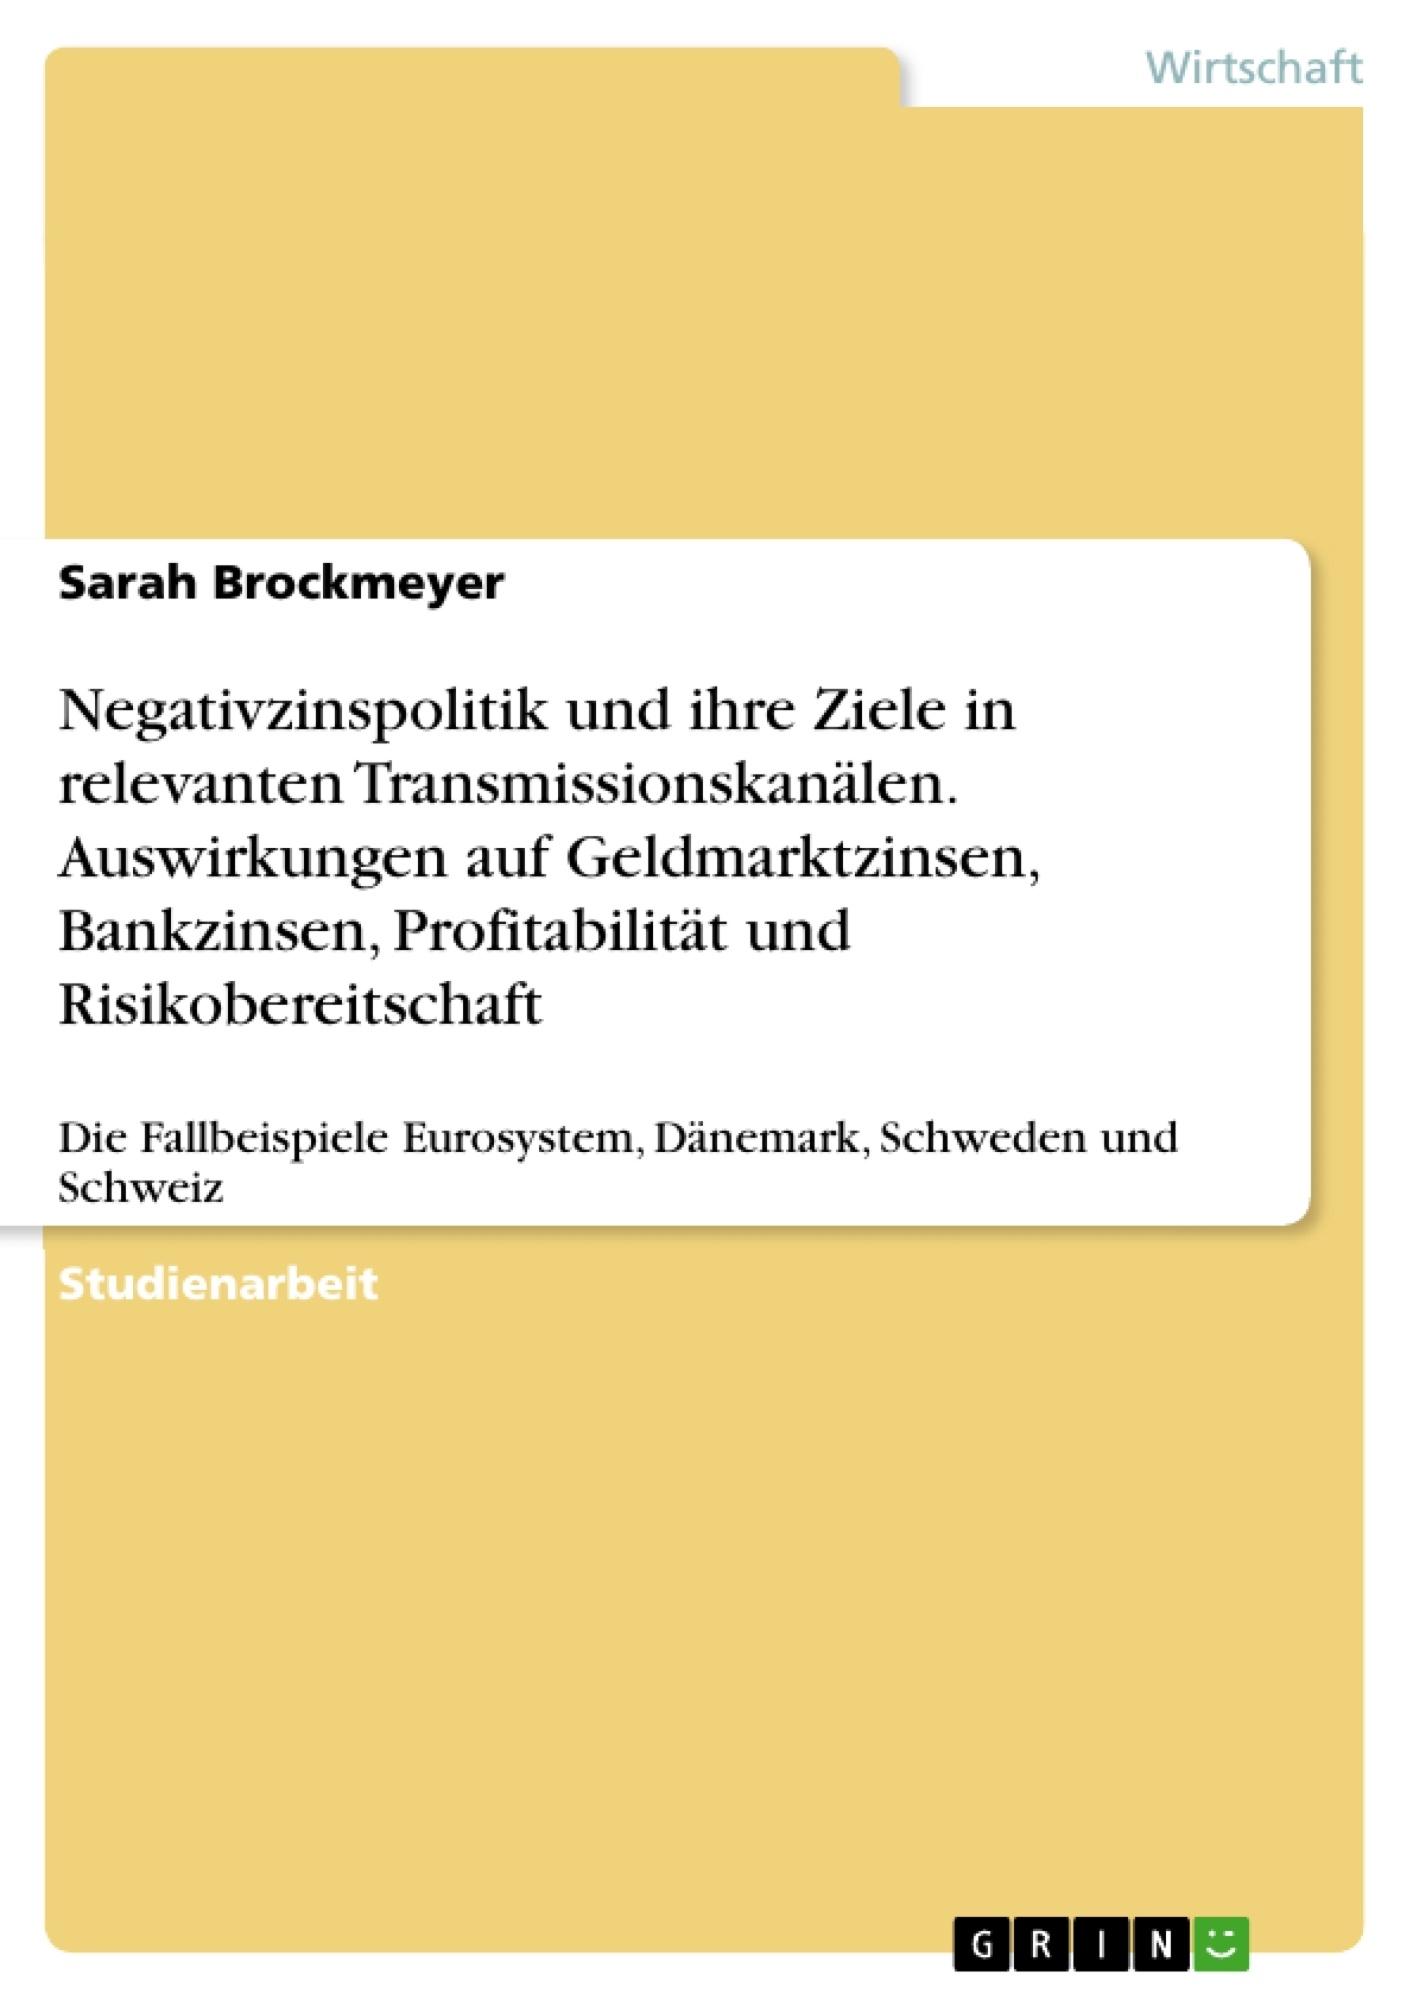 Titel: Negativzinspolitik und ihre Ziele in relevanten Transmissionskanälen. Auswirkungen auf Geldmarktzinsen, Bankzinsen, Profitabilität und Risikobereitschaft